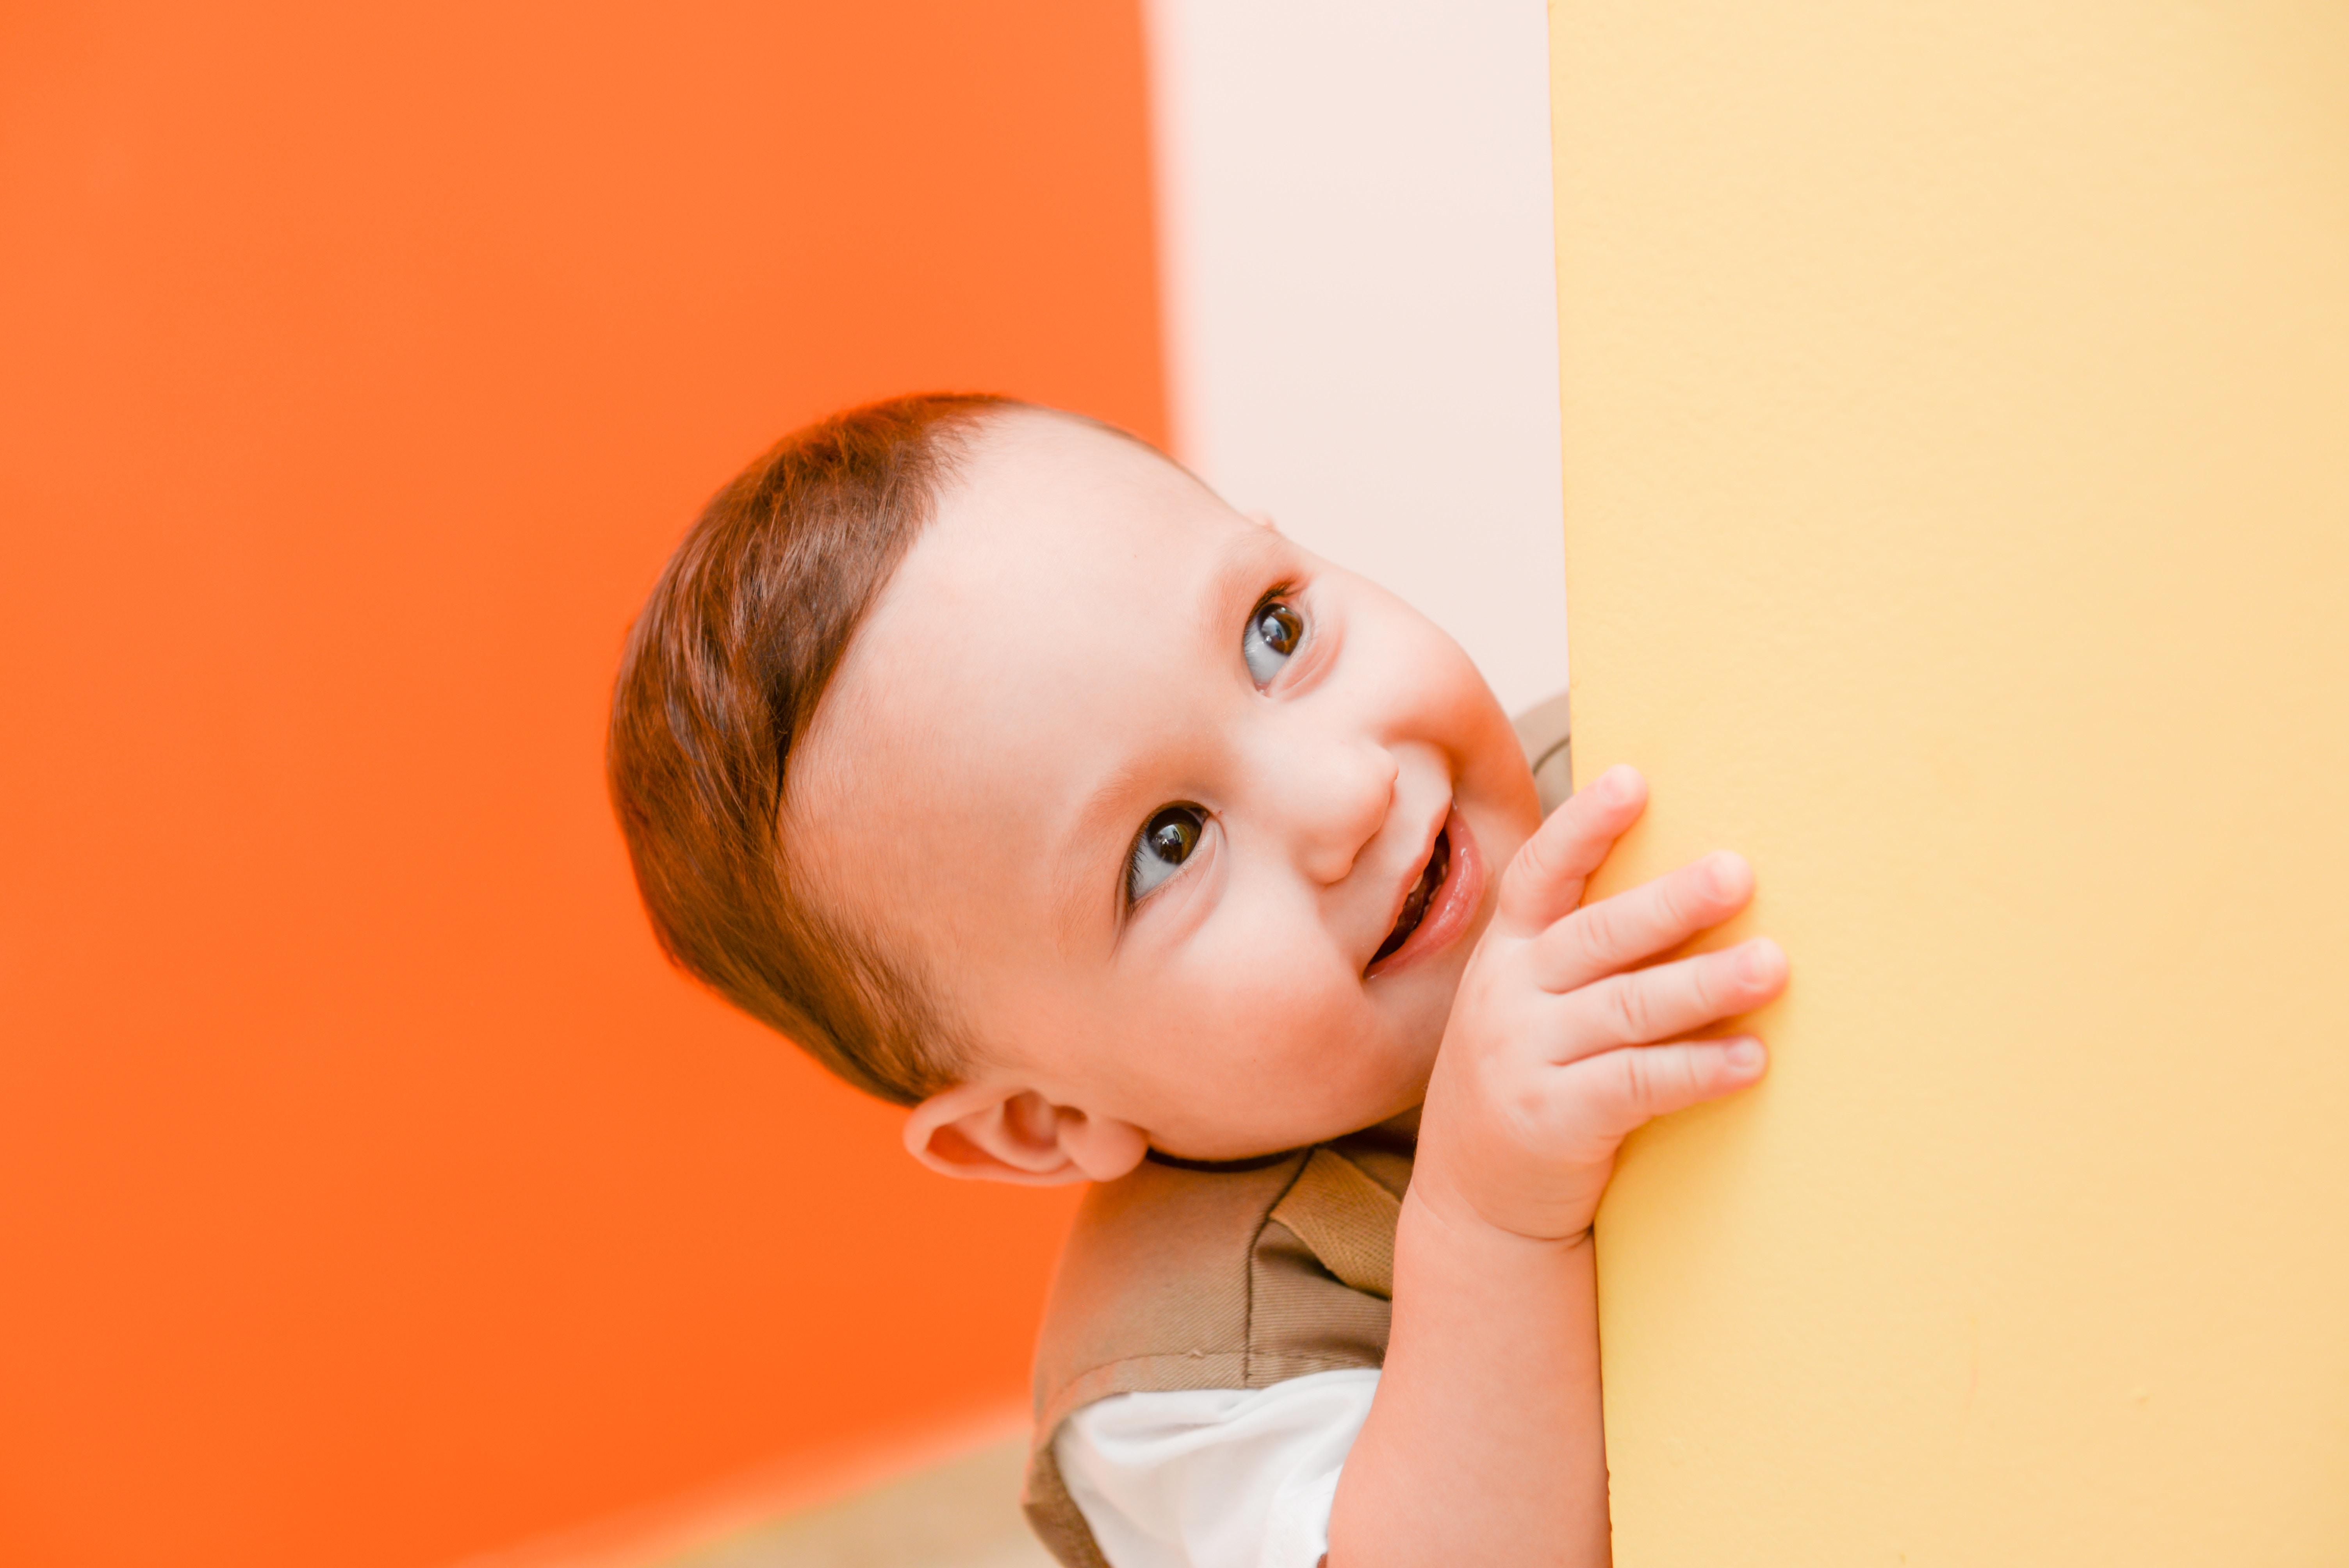 pkhl-surrogacy-blog-post-image